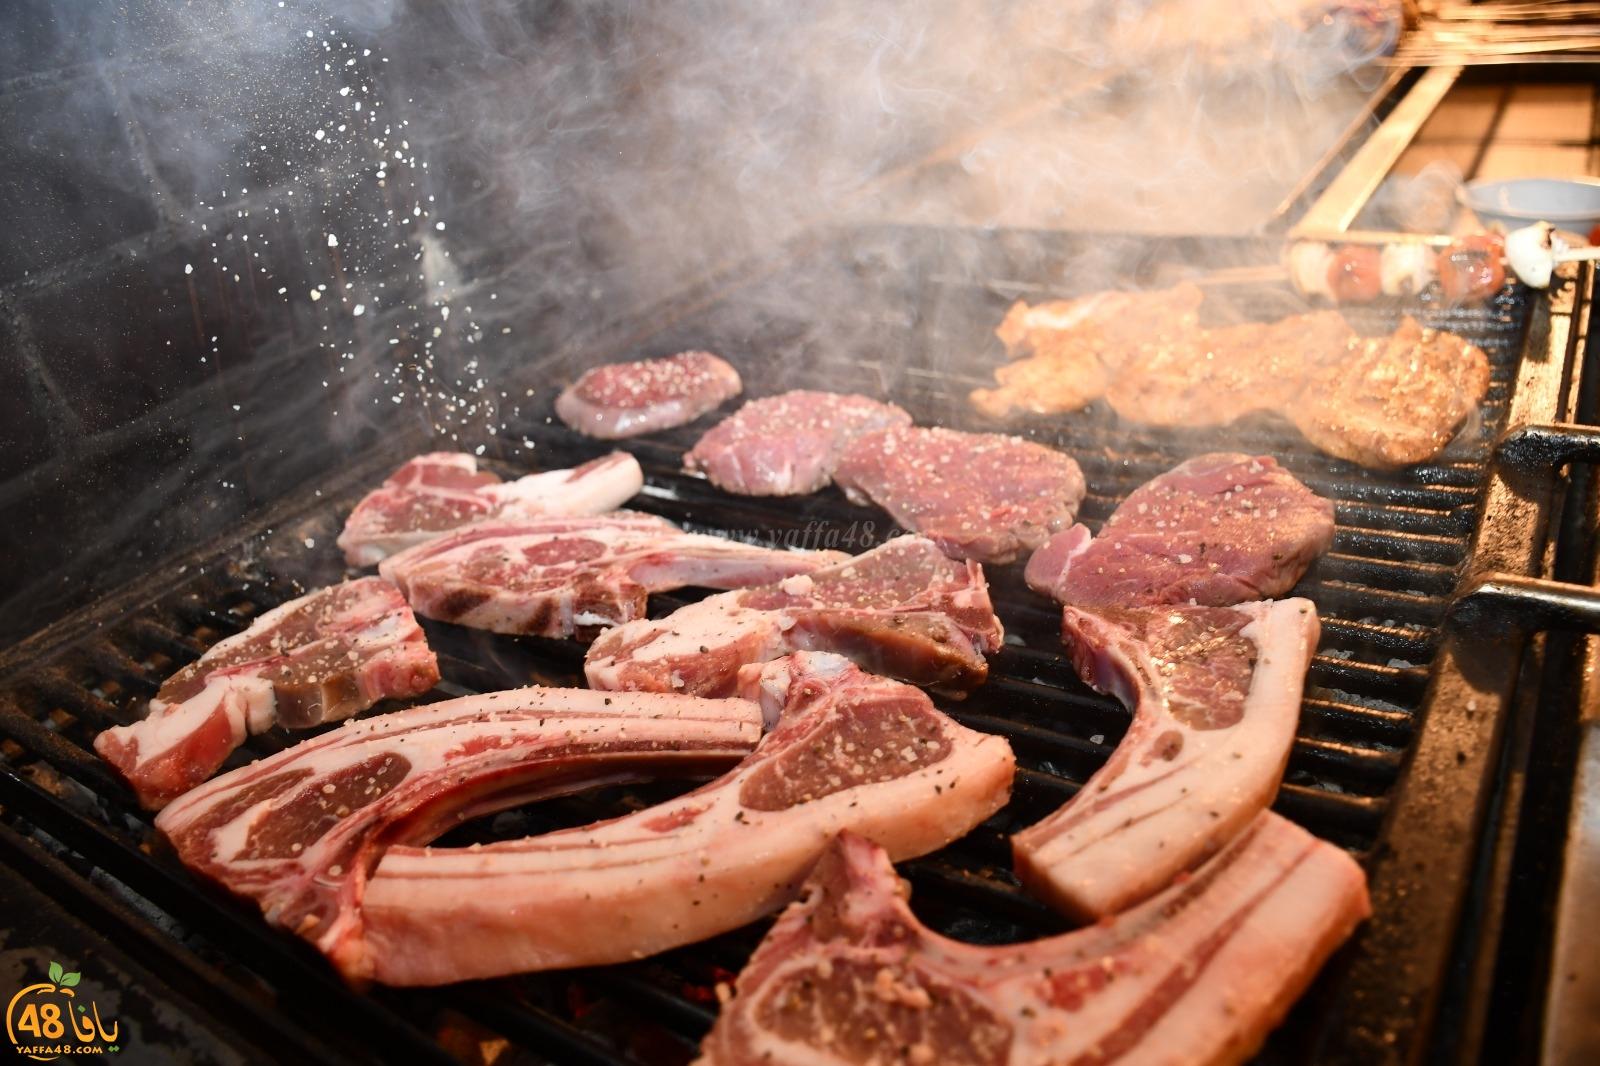 تشكيلة واسعة من أفخر الوجبات الشرقية والشاورما المميّزة لدى مطعم حاج كحيل بيافا